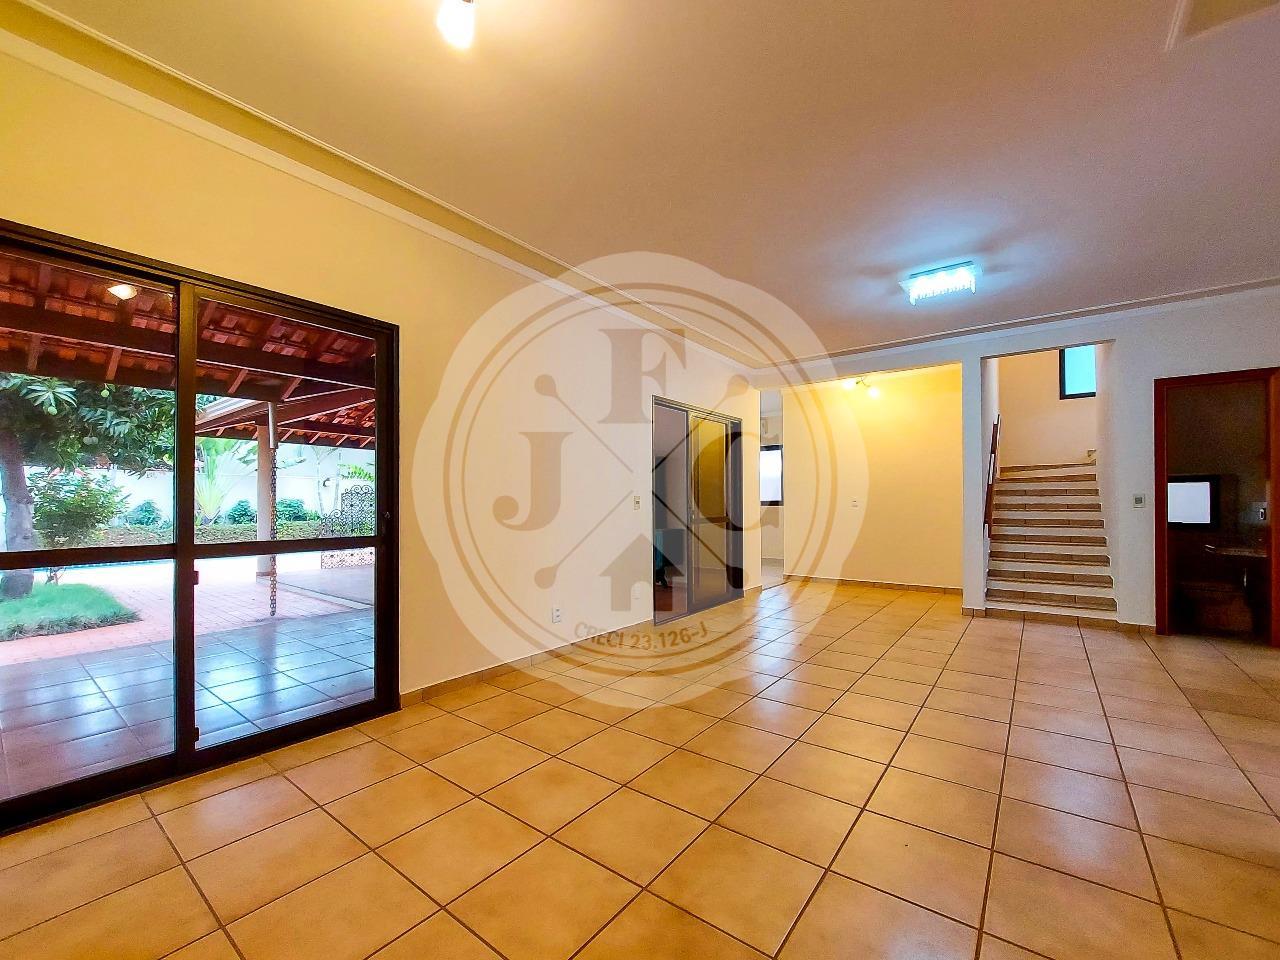 Casa em condomínio fechado à venda com 4 dormitórios sendo 3 suítes.